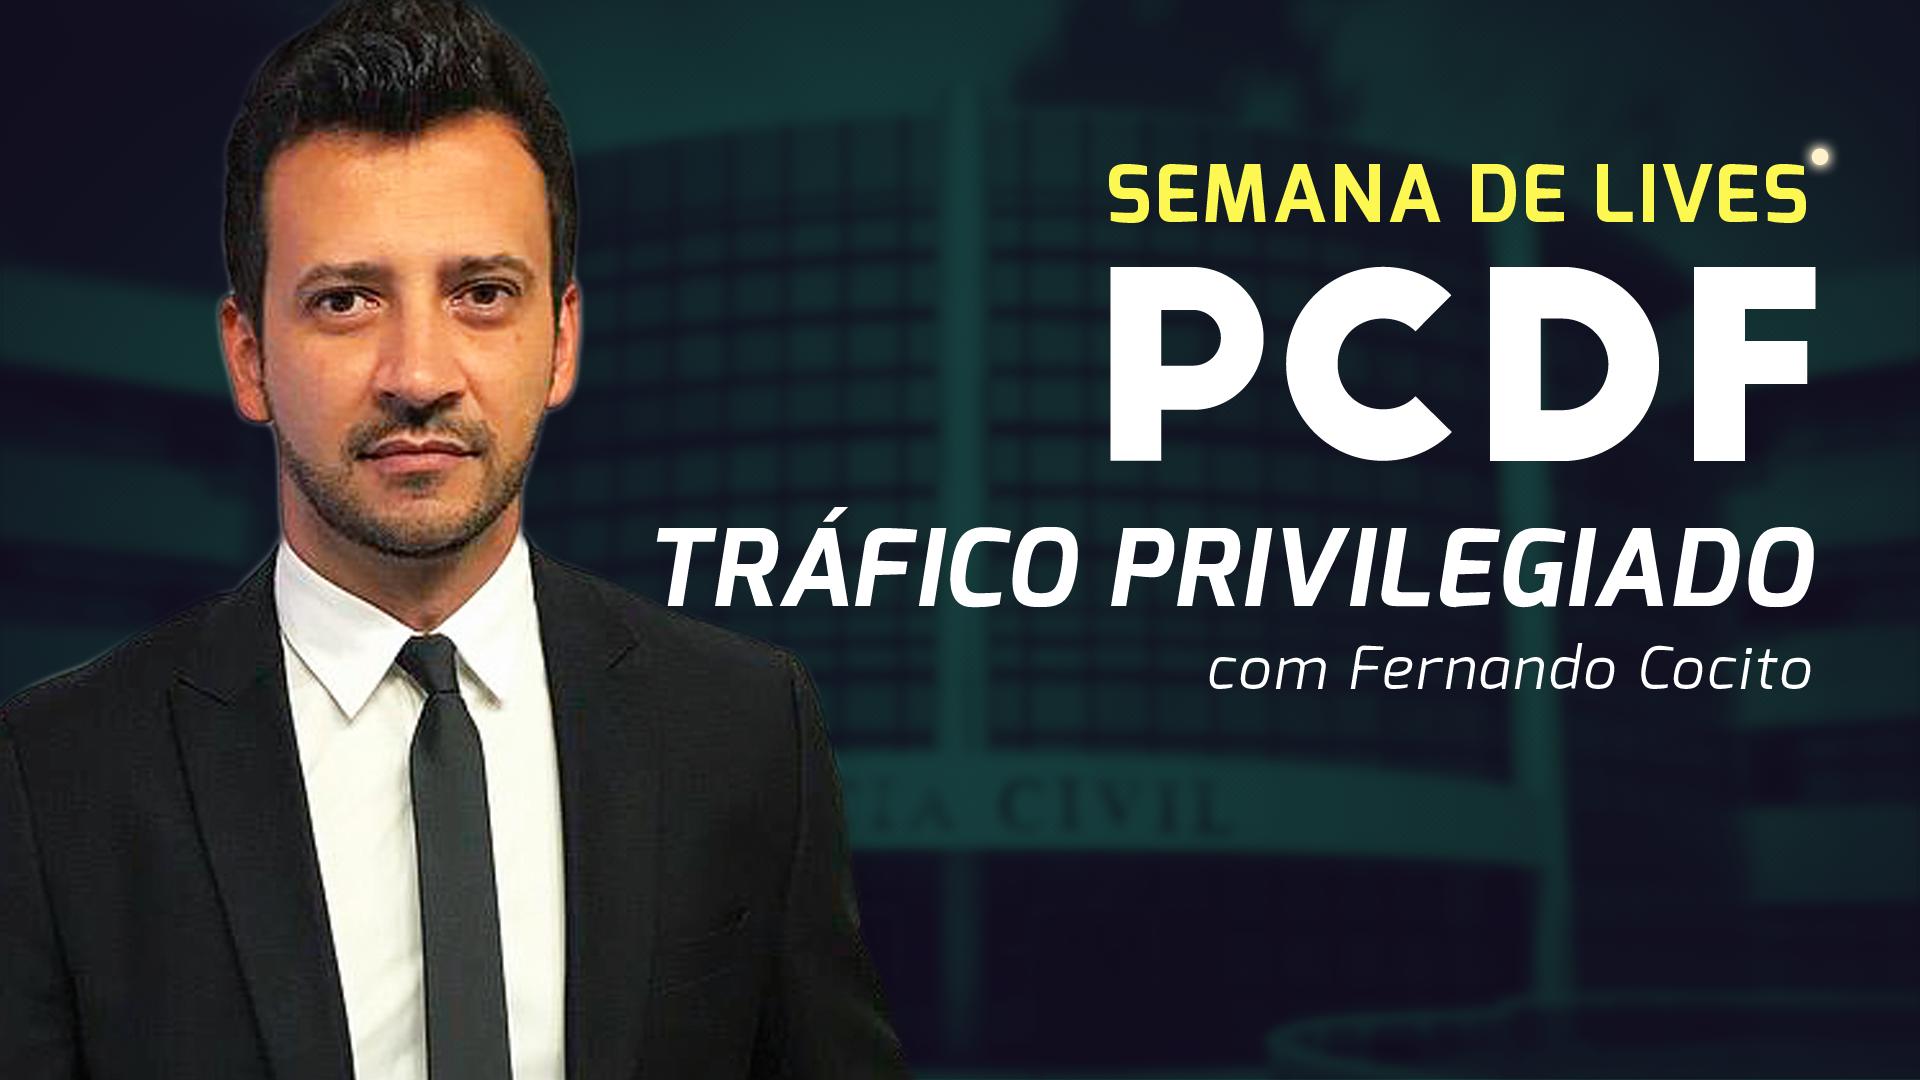 Semana de Lives PCDF - Tráfico Privilegiado